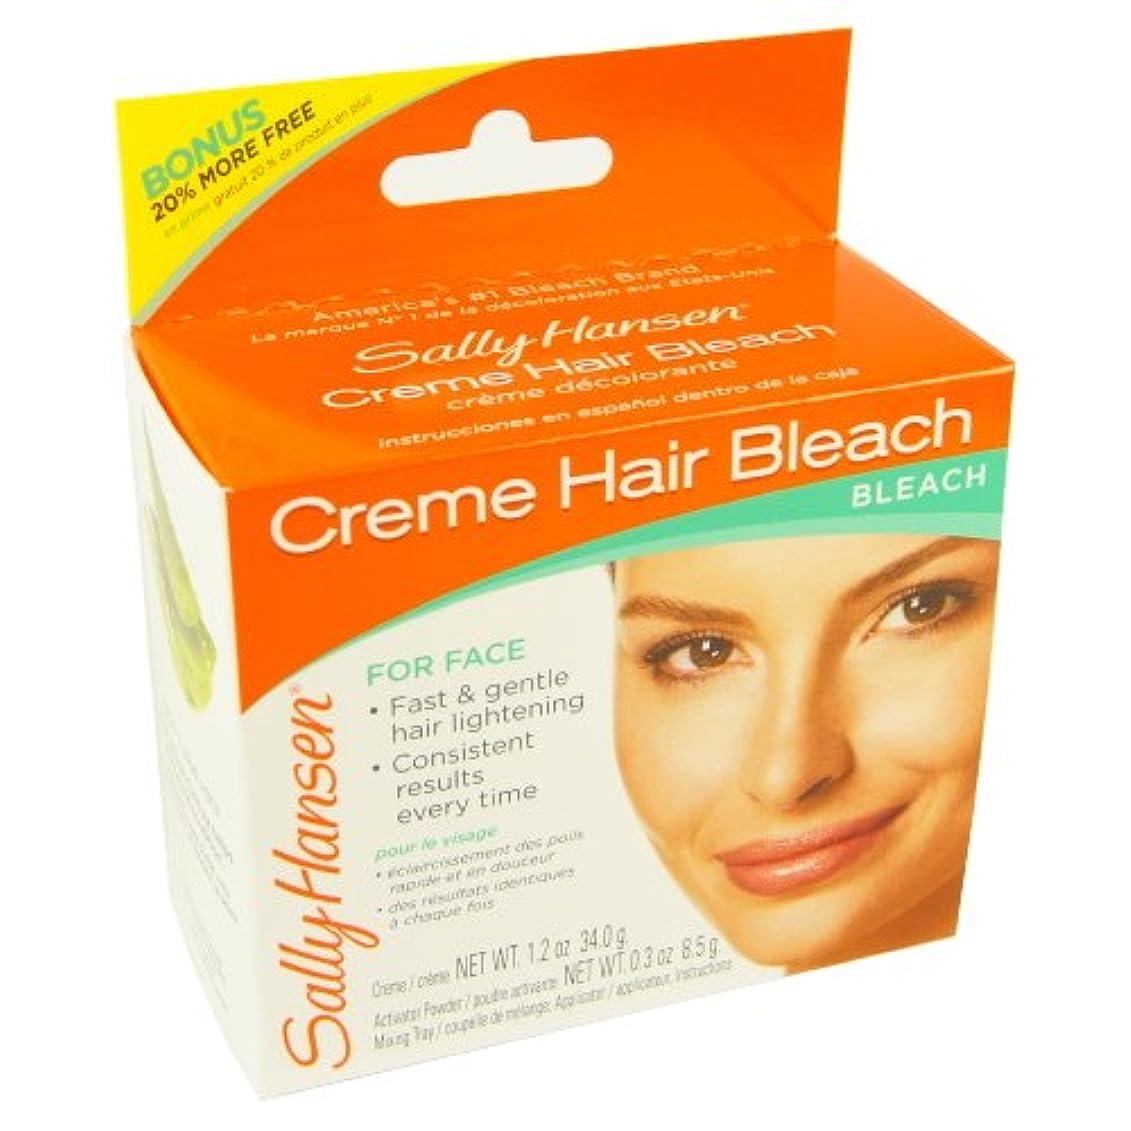 パスタ生き物殺す(6 Pack) SALLY HANSEN Creme Hair Bleach for Face - SH2000 (並行輸入品)